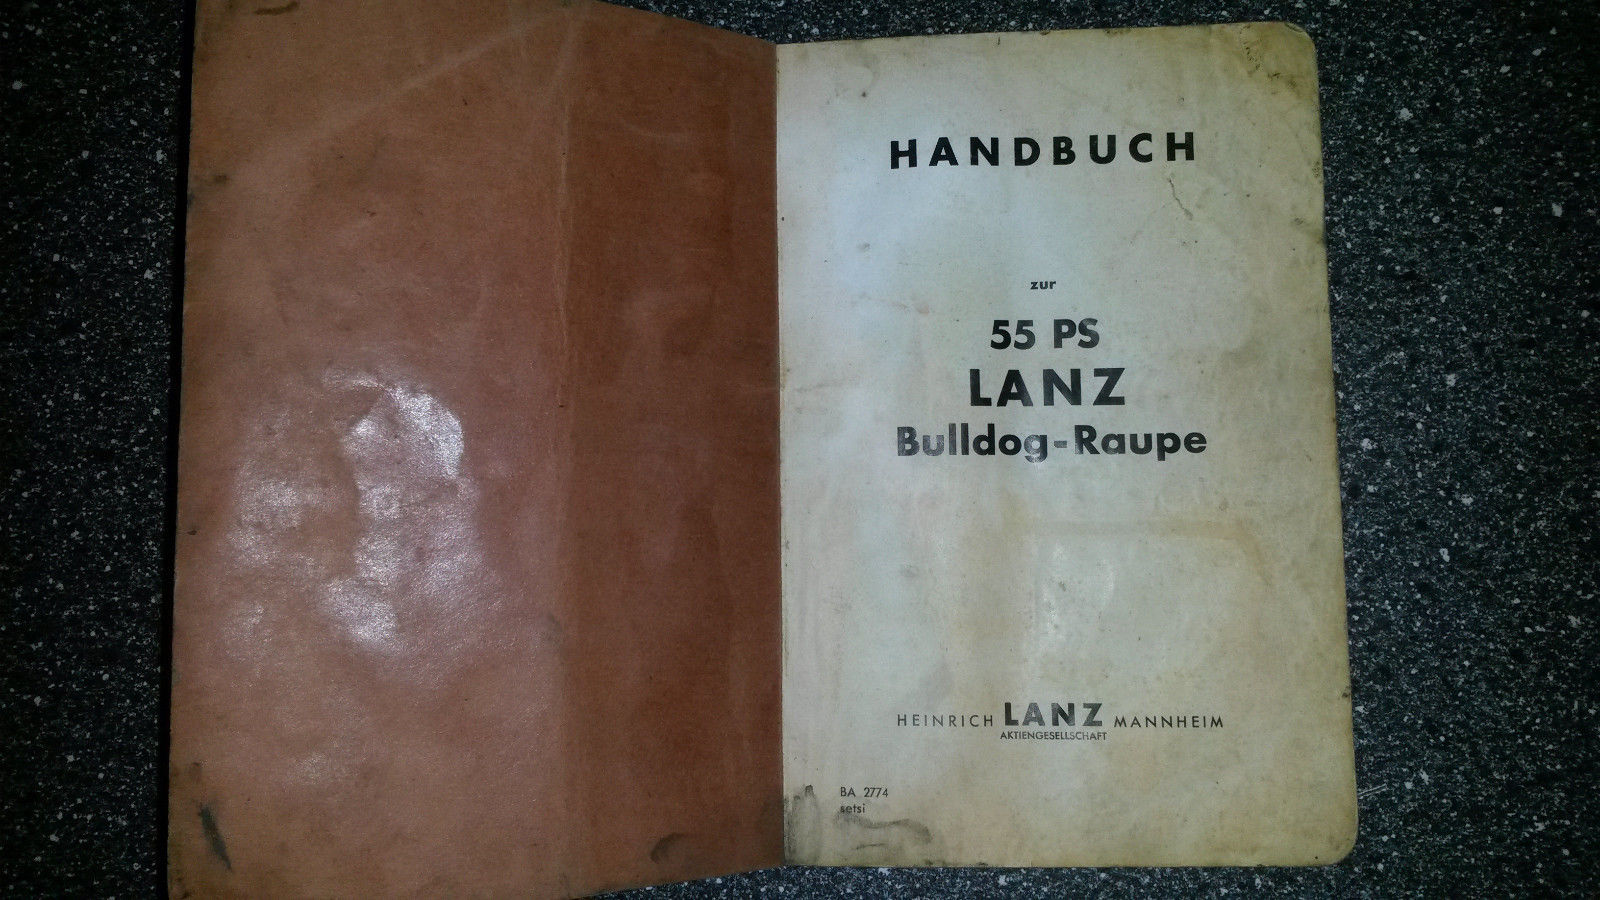 Handbuch Betriebsanleitung Lanz Bulldog Raupe Original